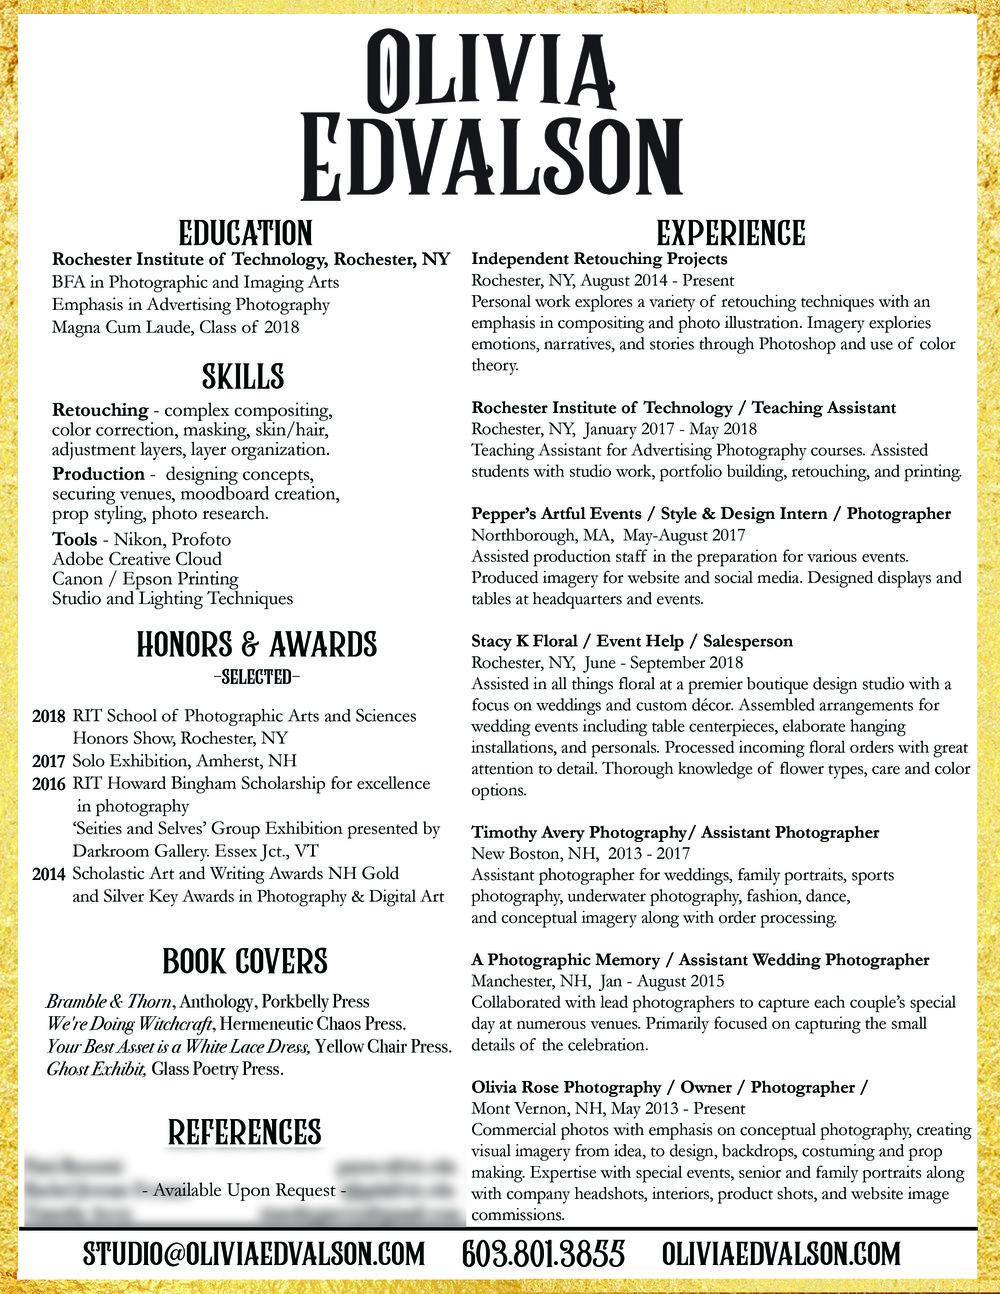 OliviaEdvalson_Resume Ref blur.jpg